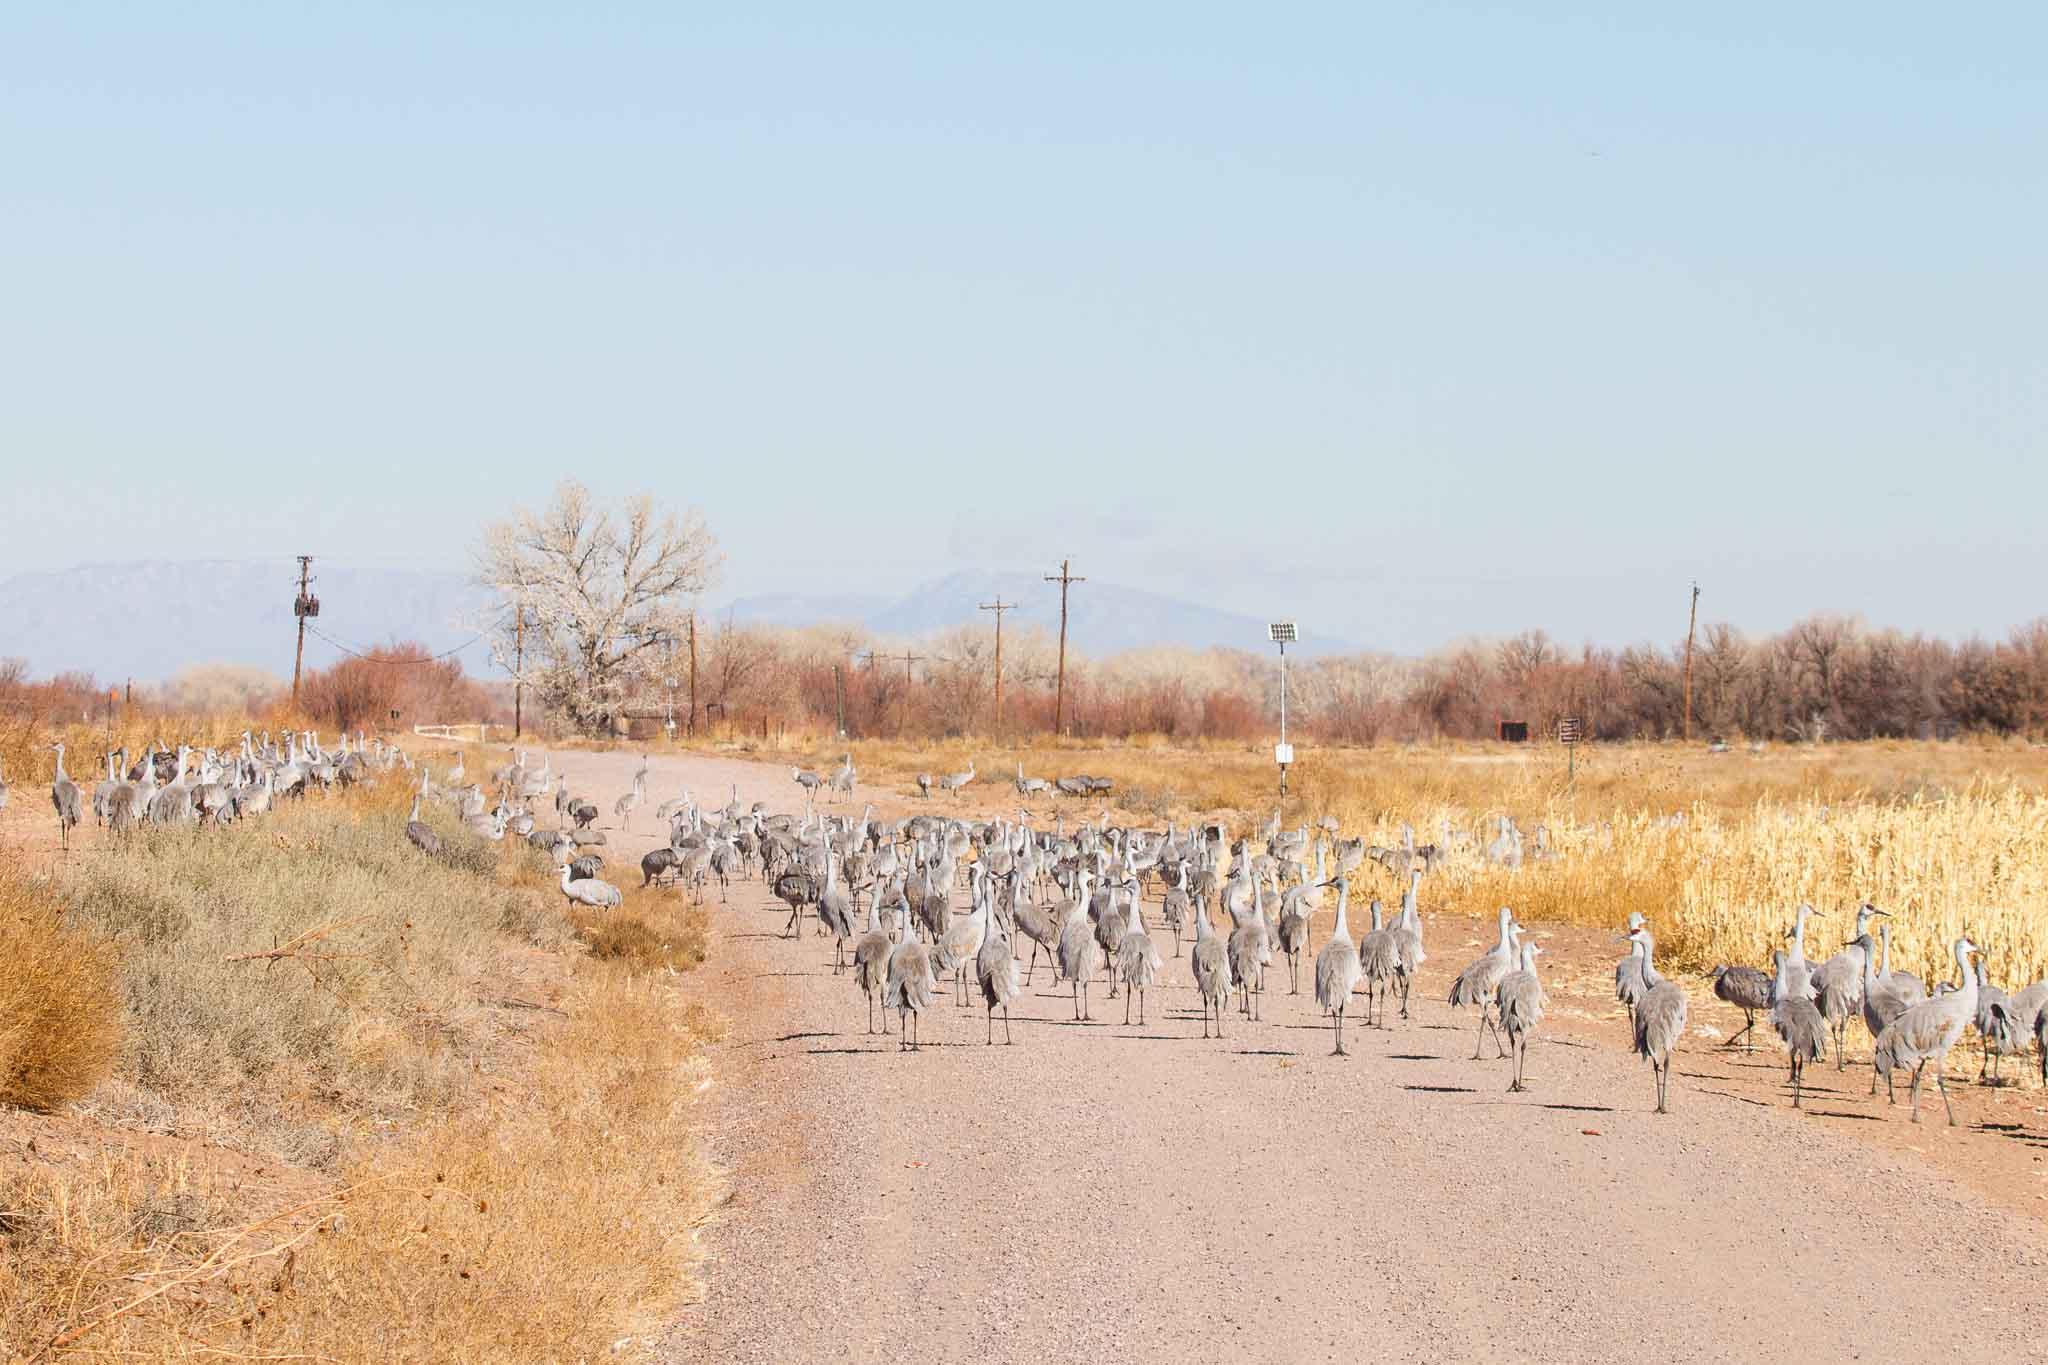 Sandhill Cranes, Bernardo Wildlife Management Area, Bernardo NM, January 15, 2013